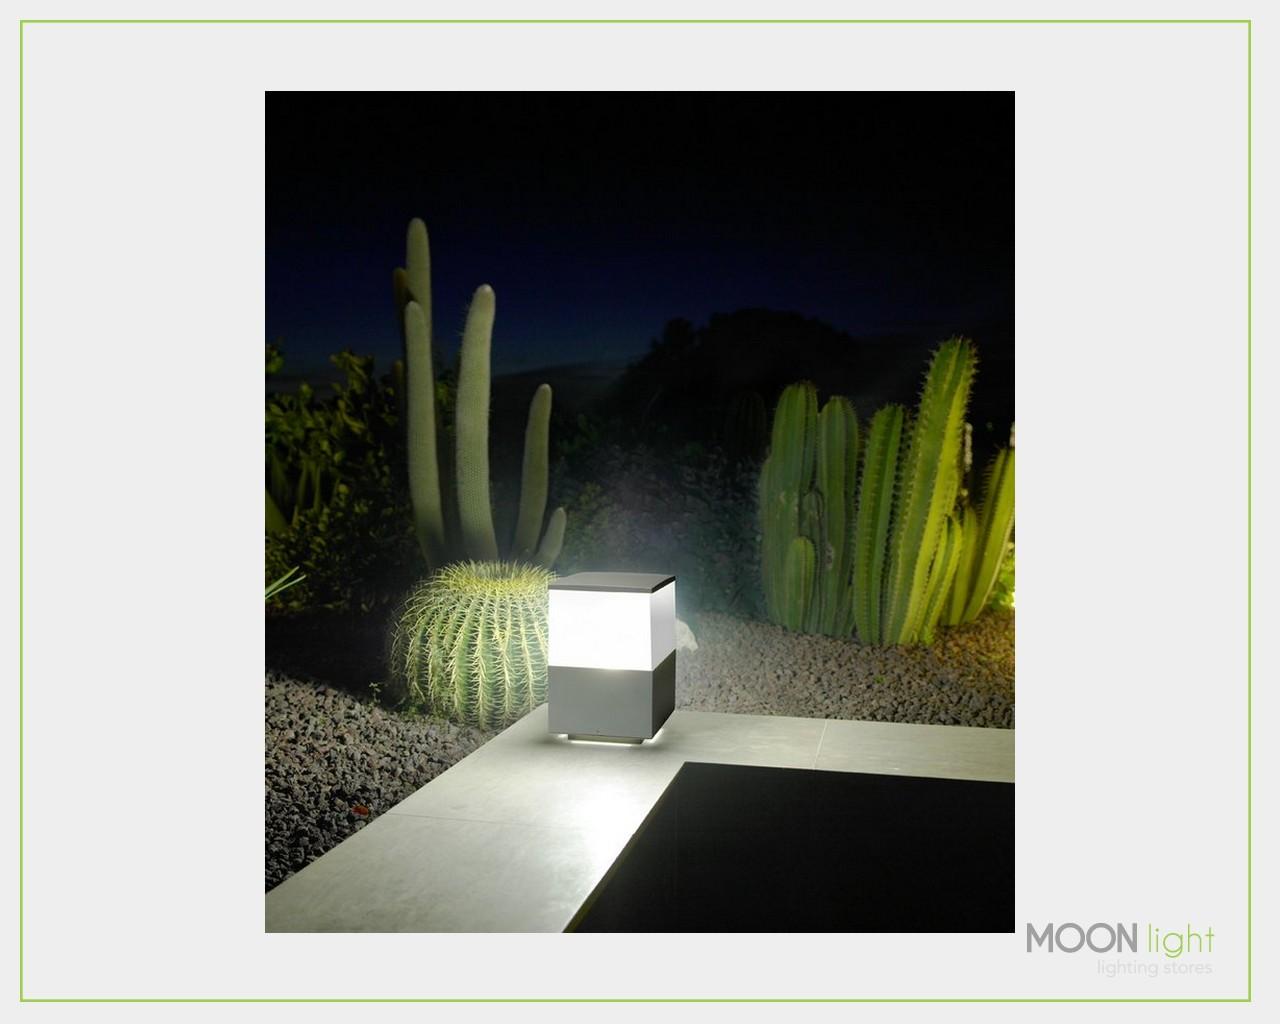 ... Illuminazione Sala Con Faretti: Faretti - ikea. Illuminazione per